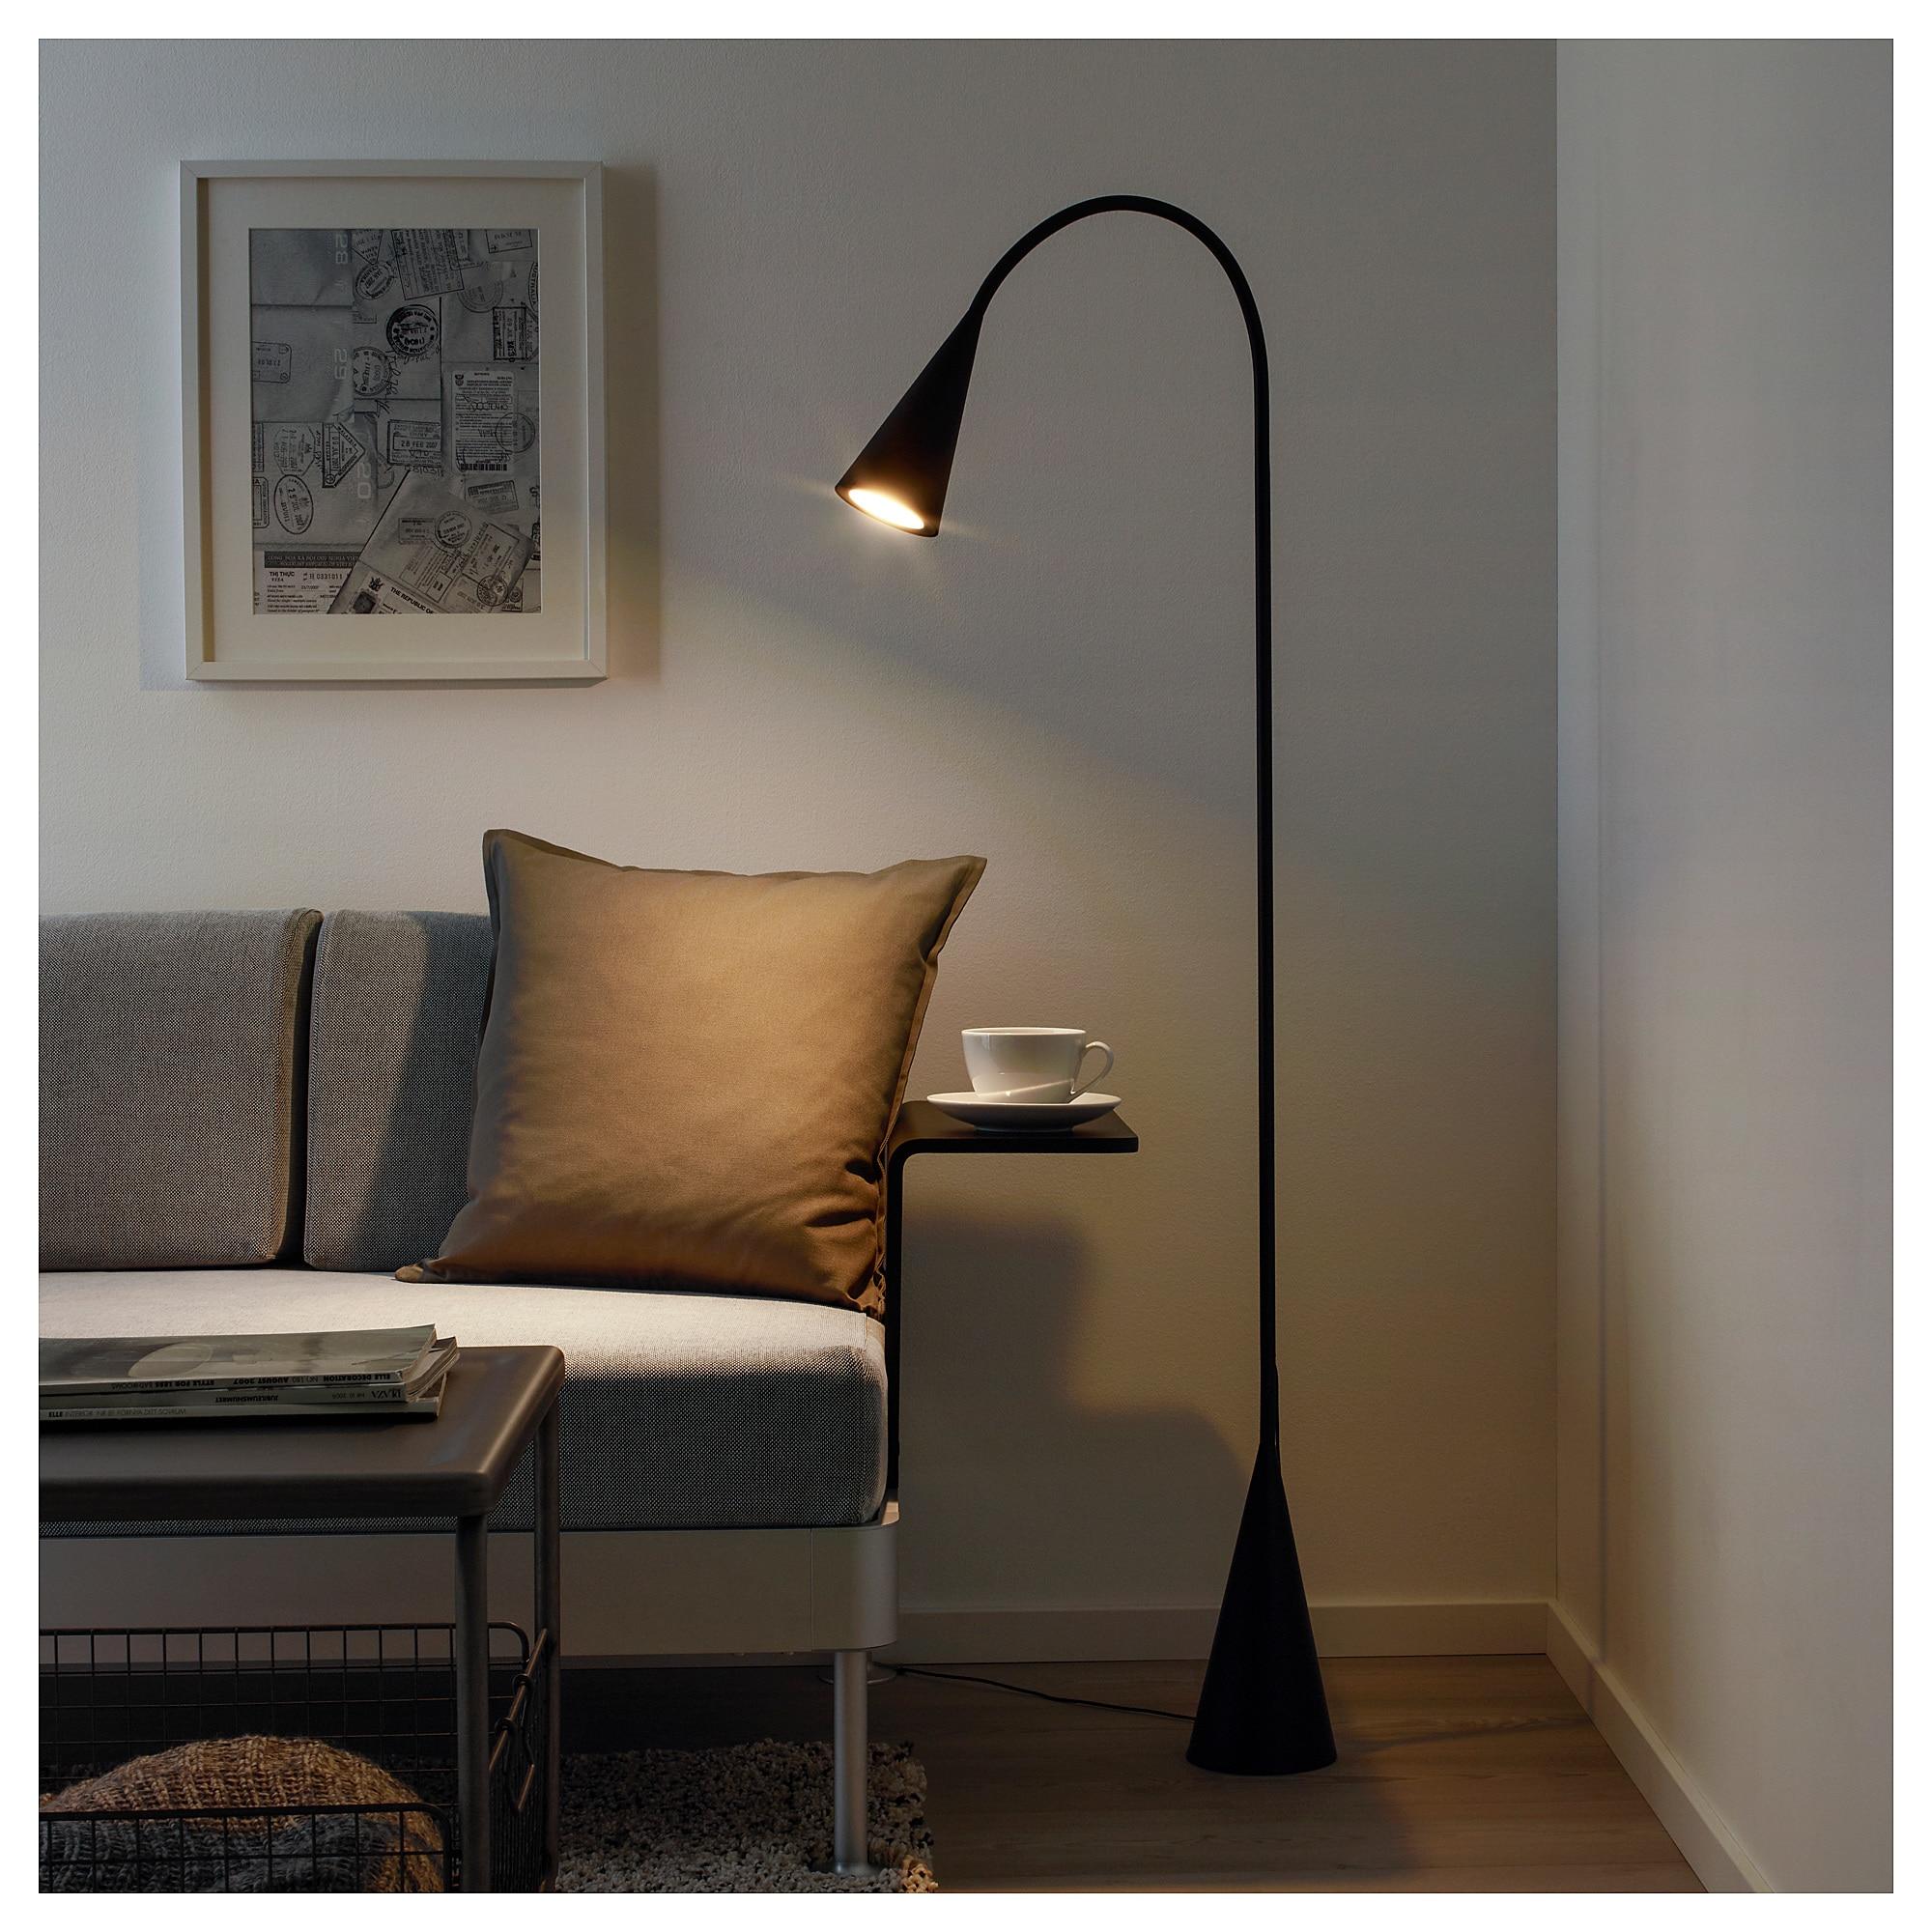 Ikea Led Floor Light Koyota